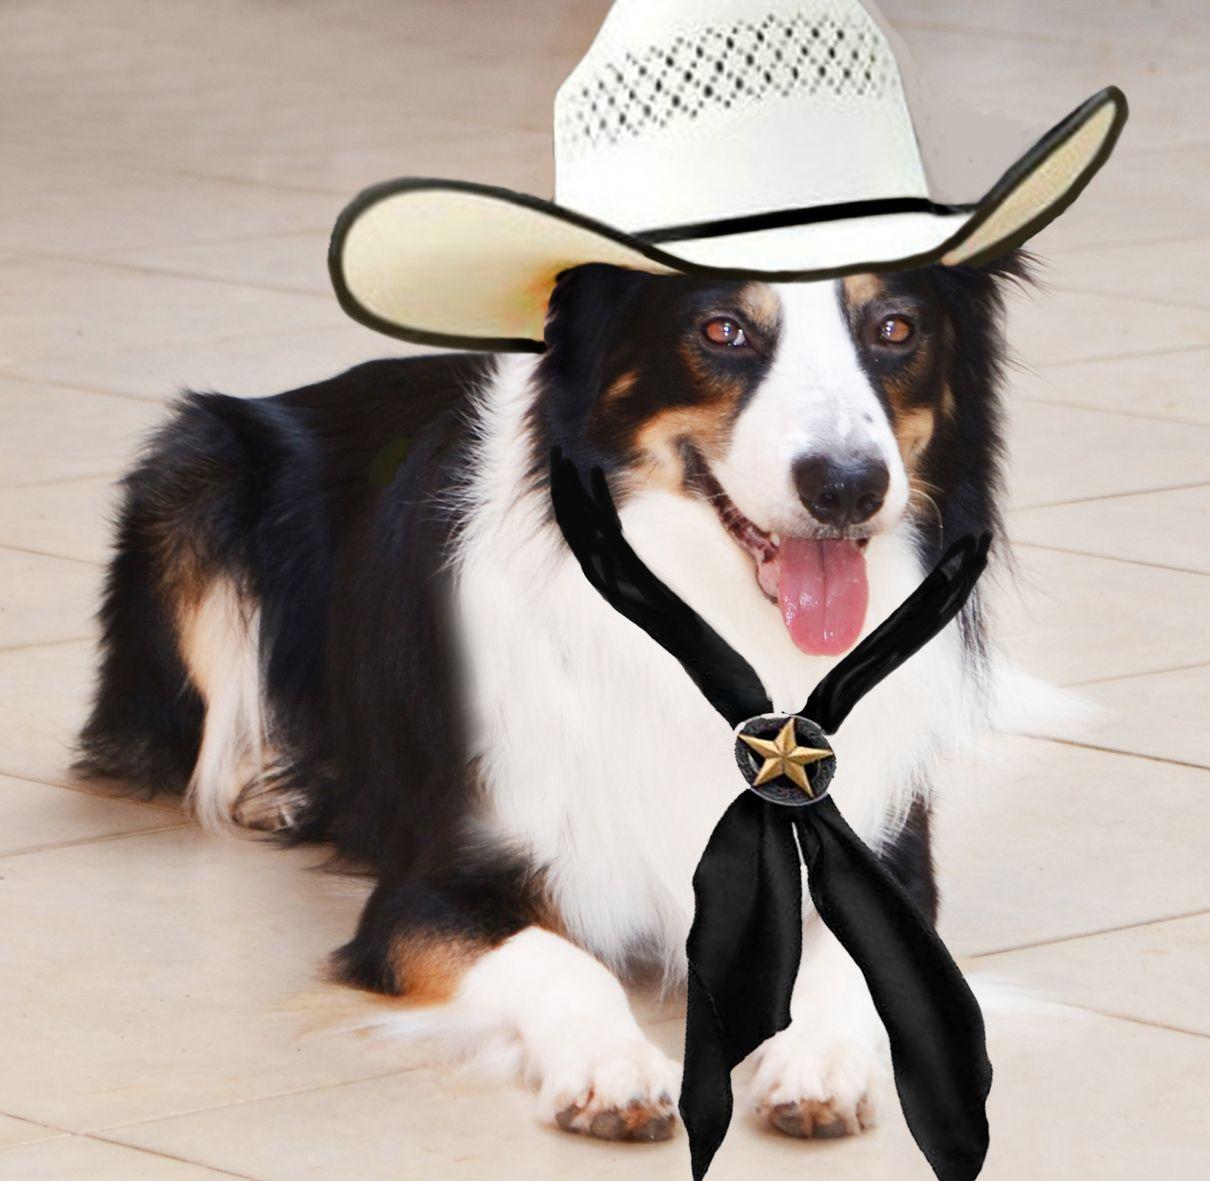 My precious cowboy